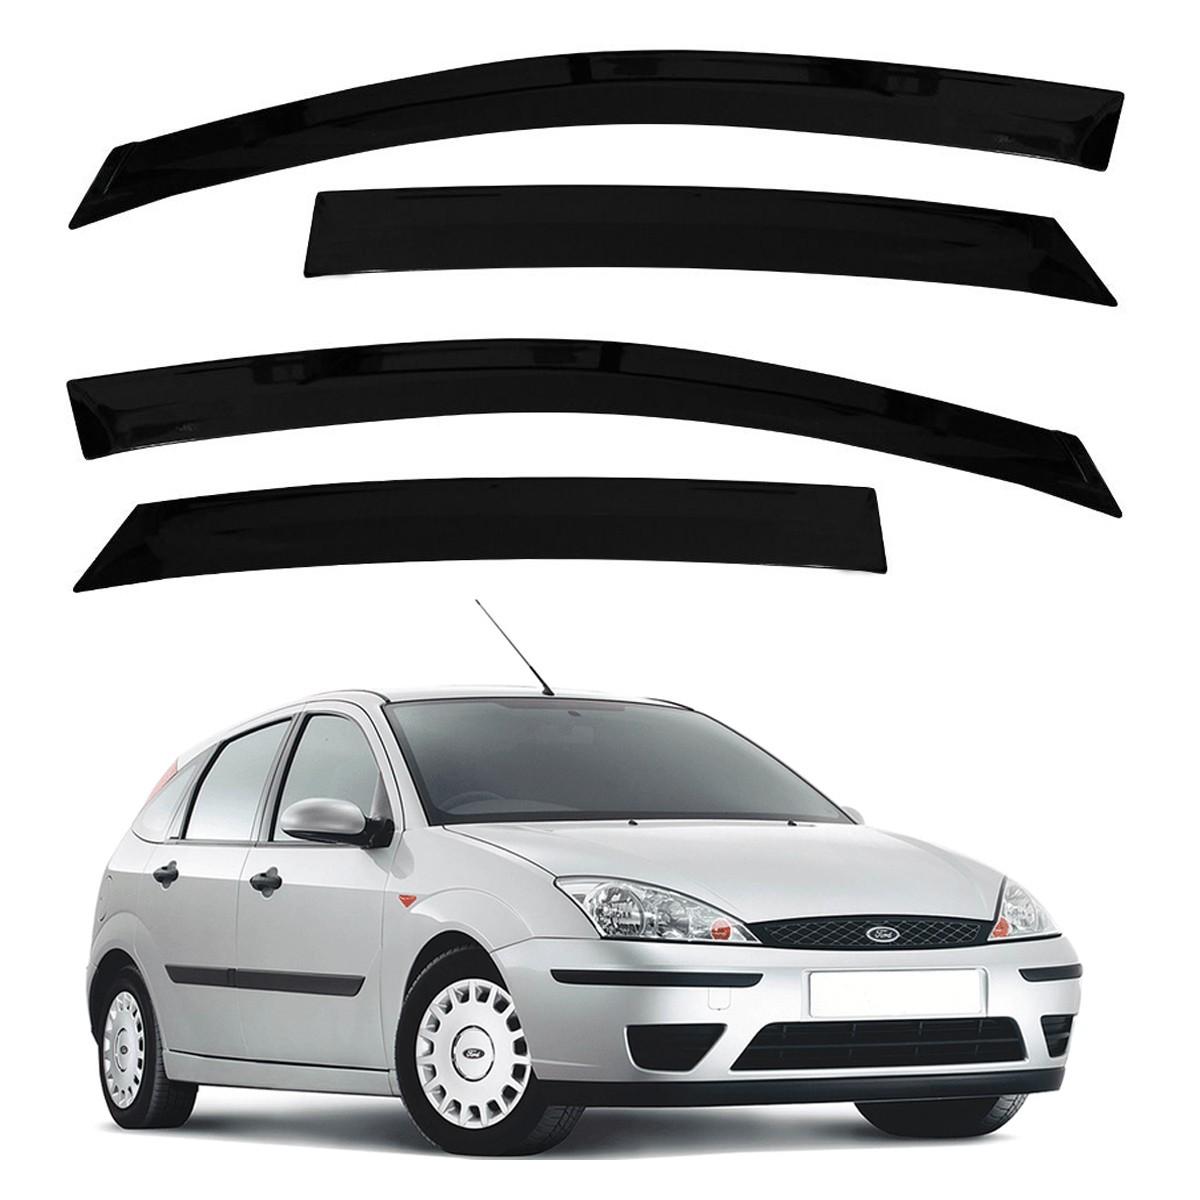 Calha de Chuva Defletor Fumê Focus Hatch e Sedan 2001 até 2009 4 Portas